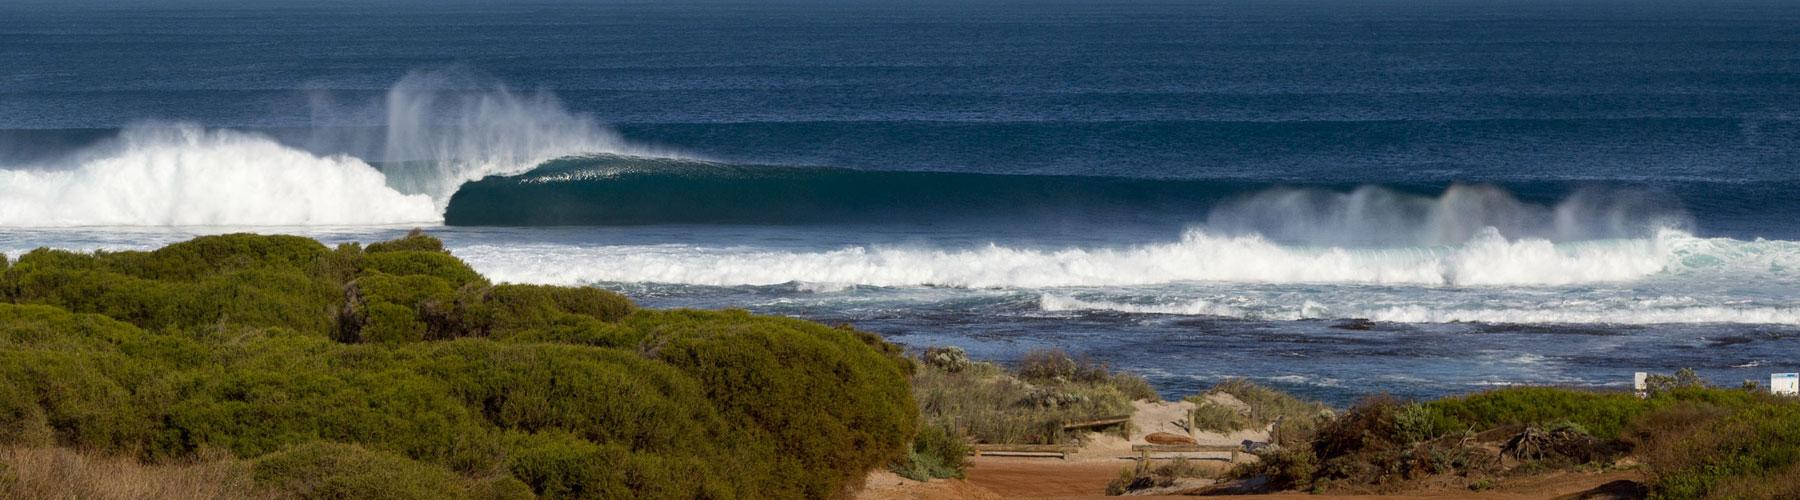 Kalbarri Surf